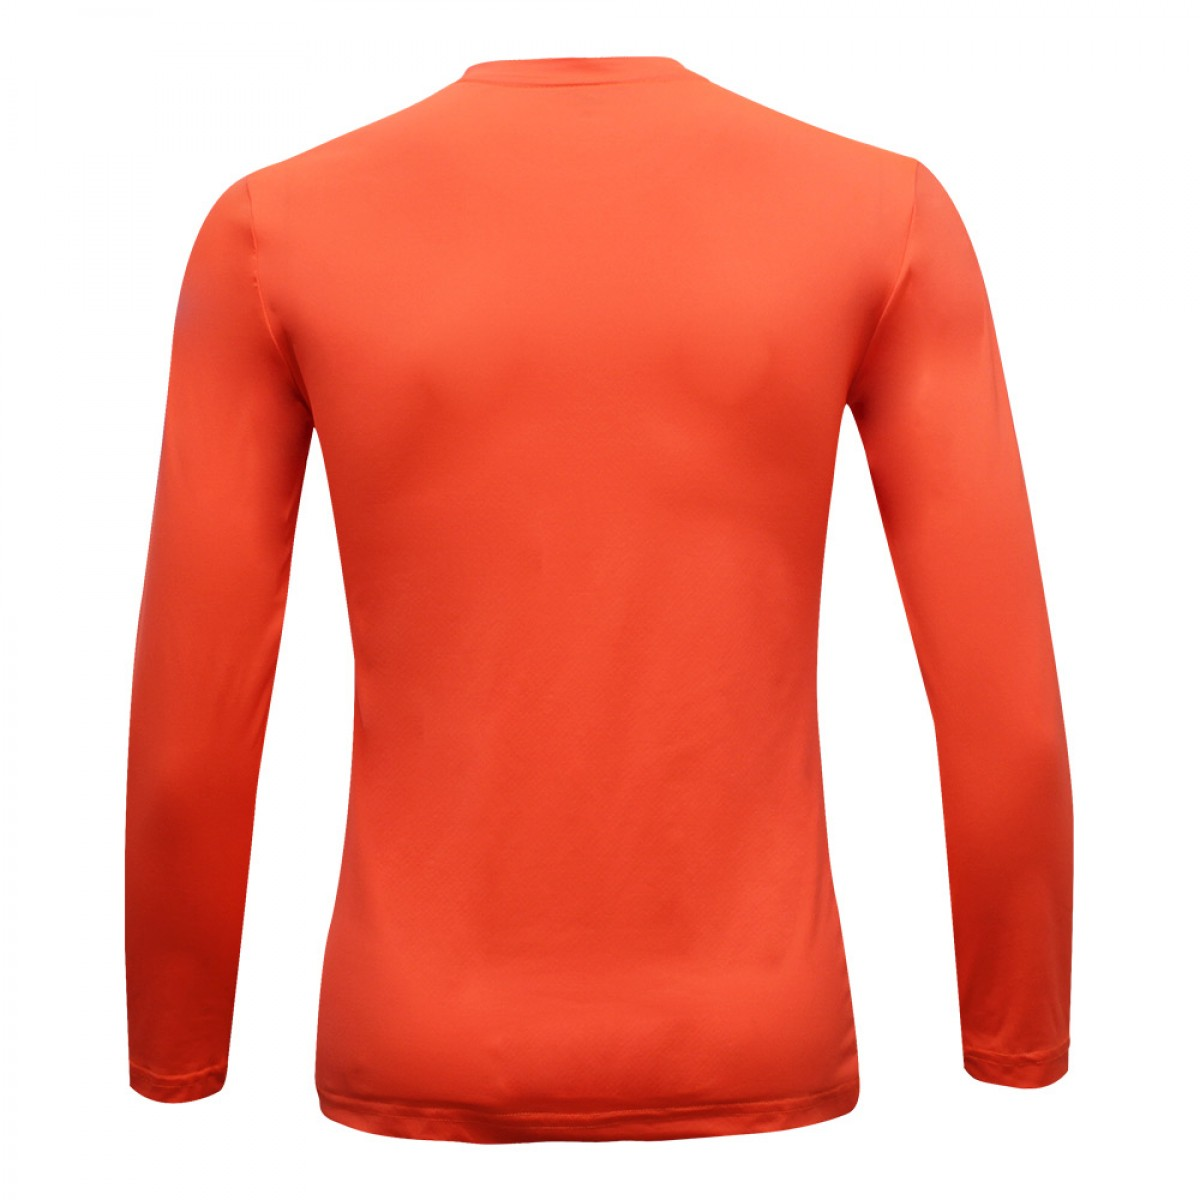 women-round-neck-ls-t-shirt-krt06910-4b